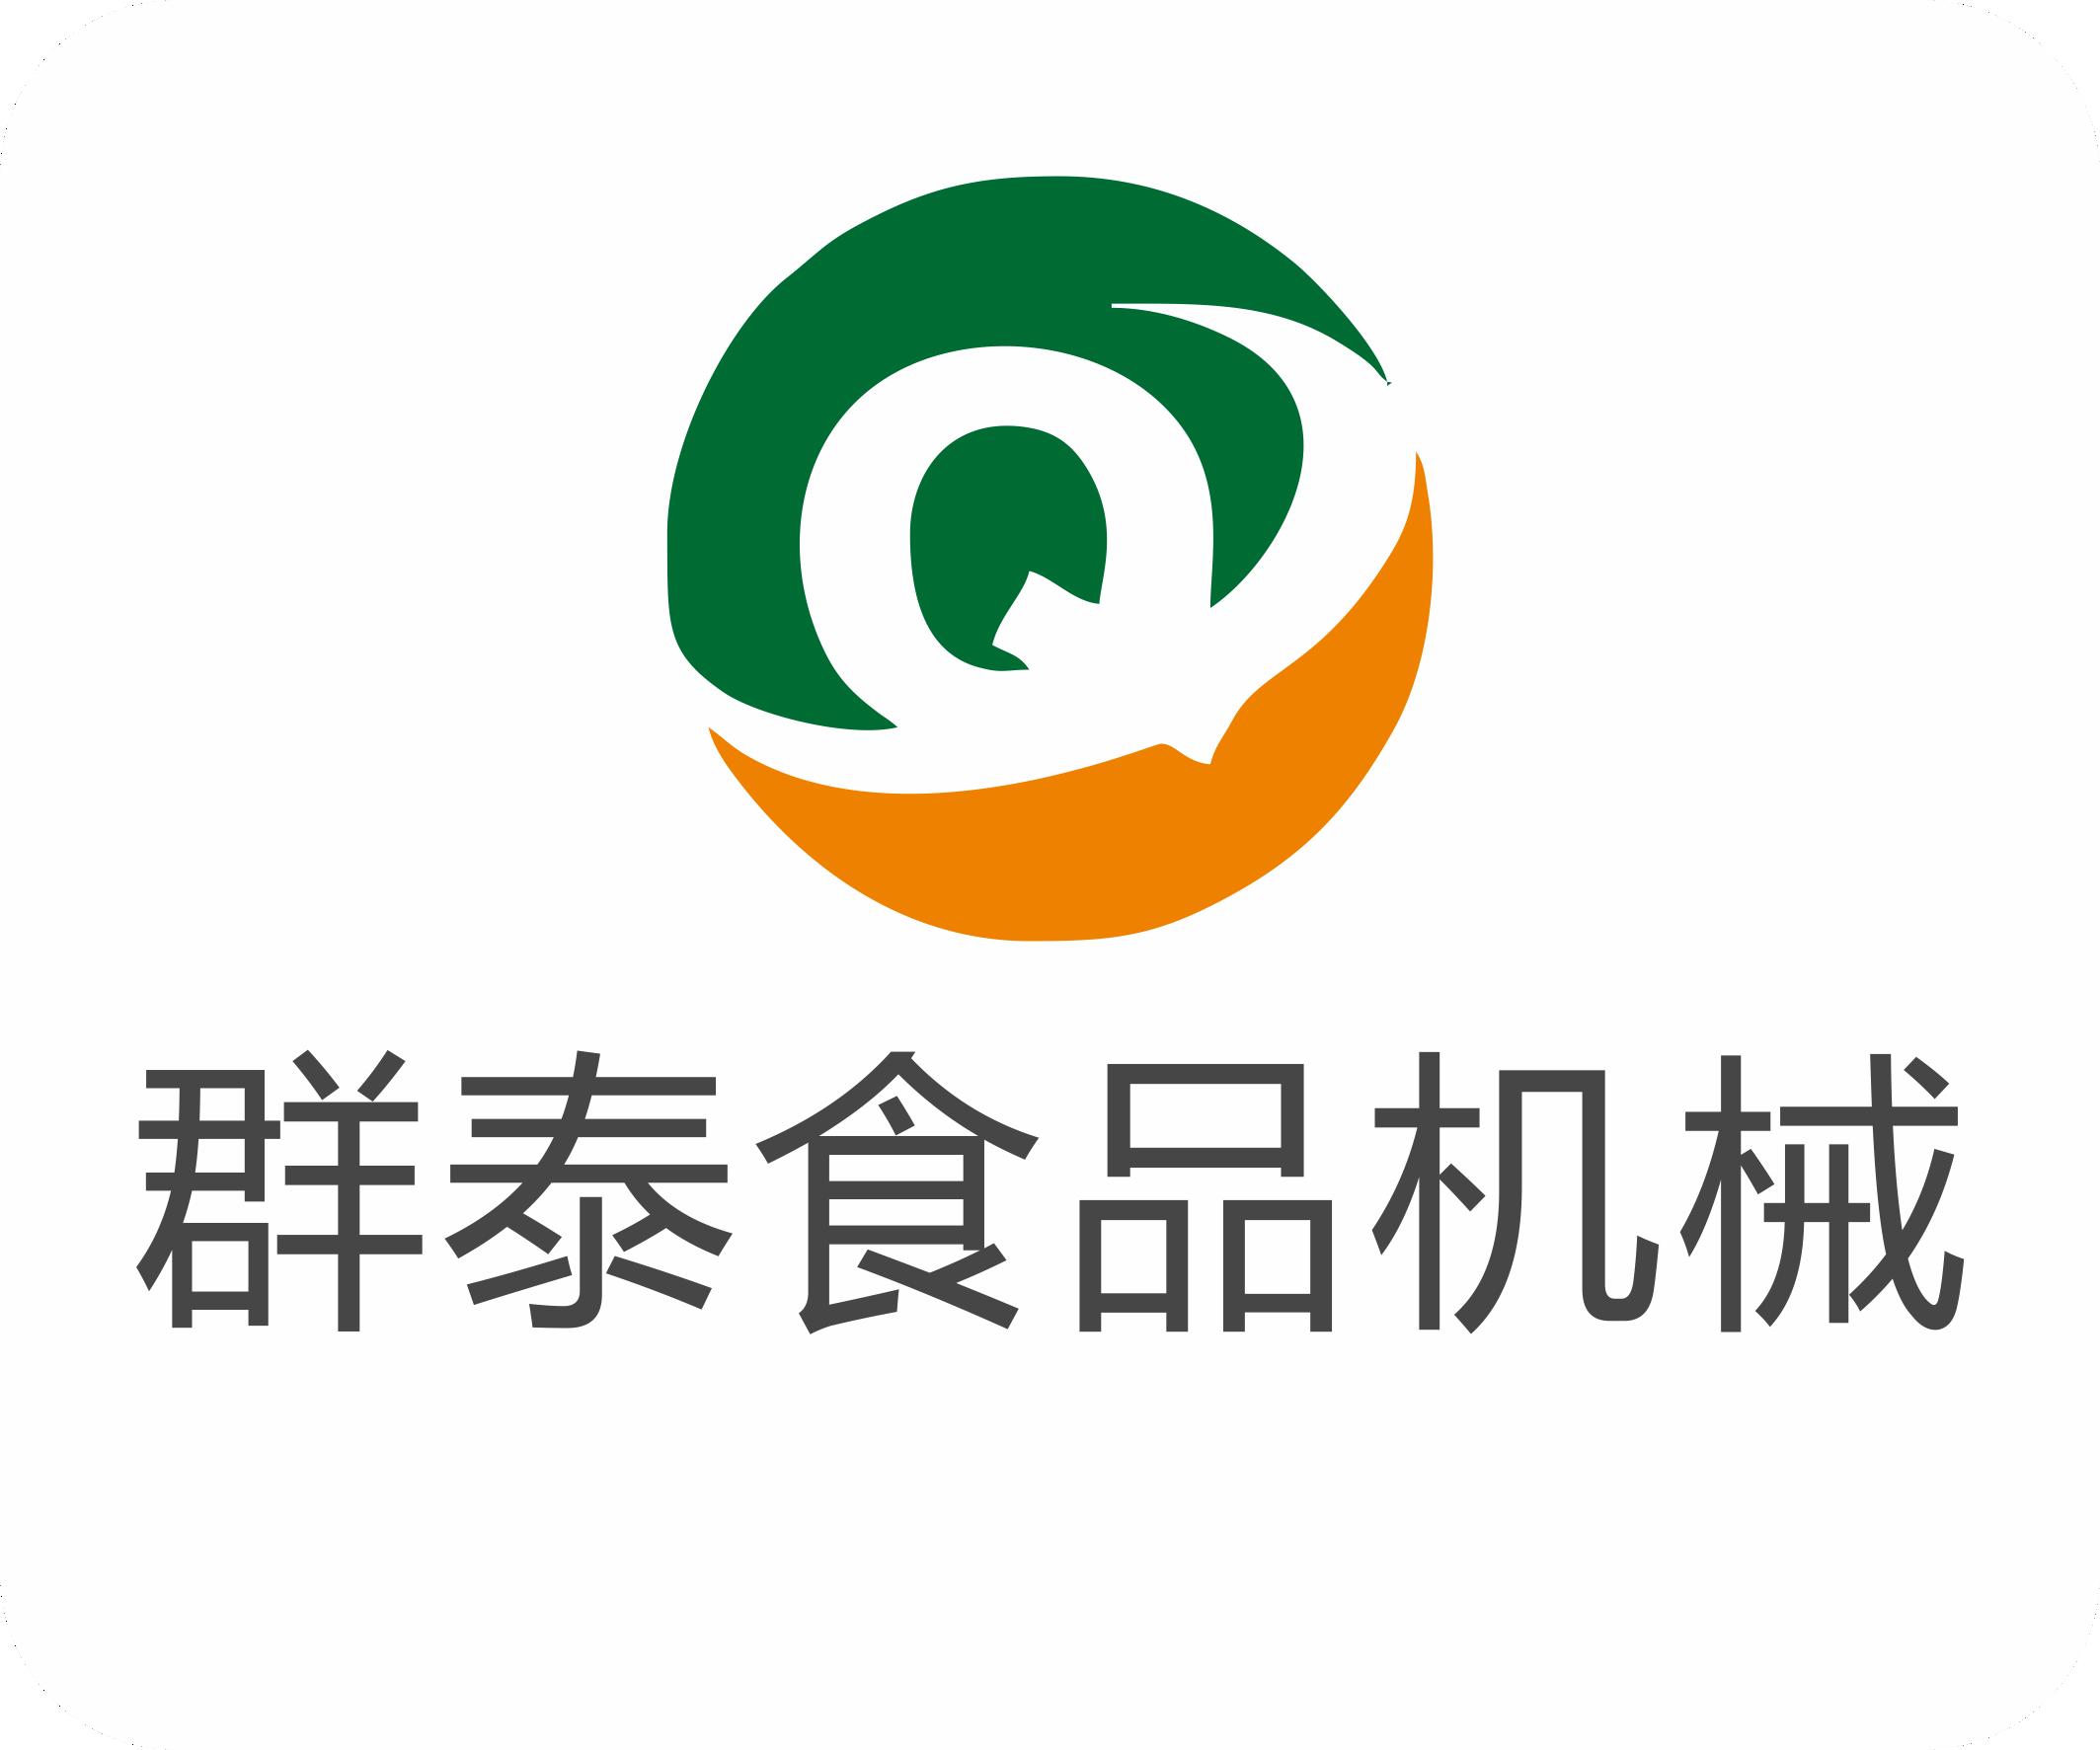 浙江群泰科技有限公司